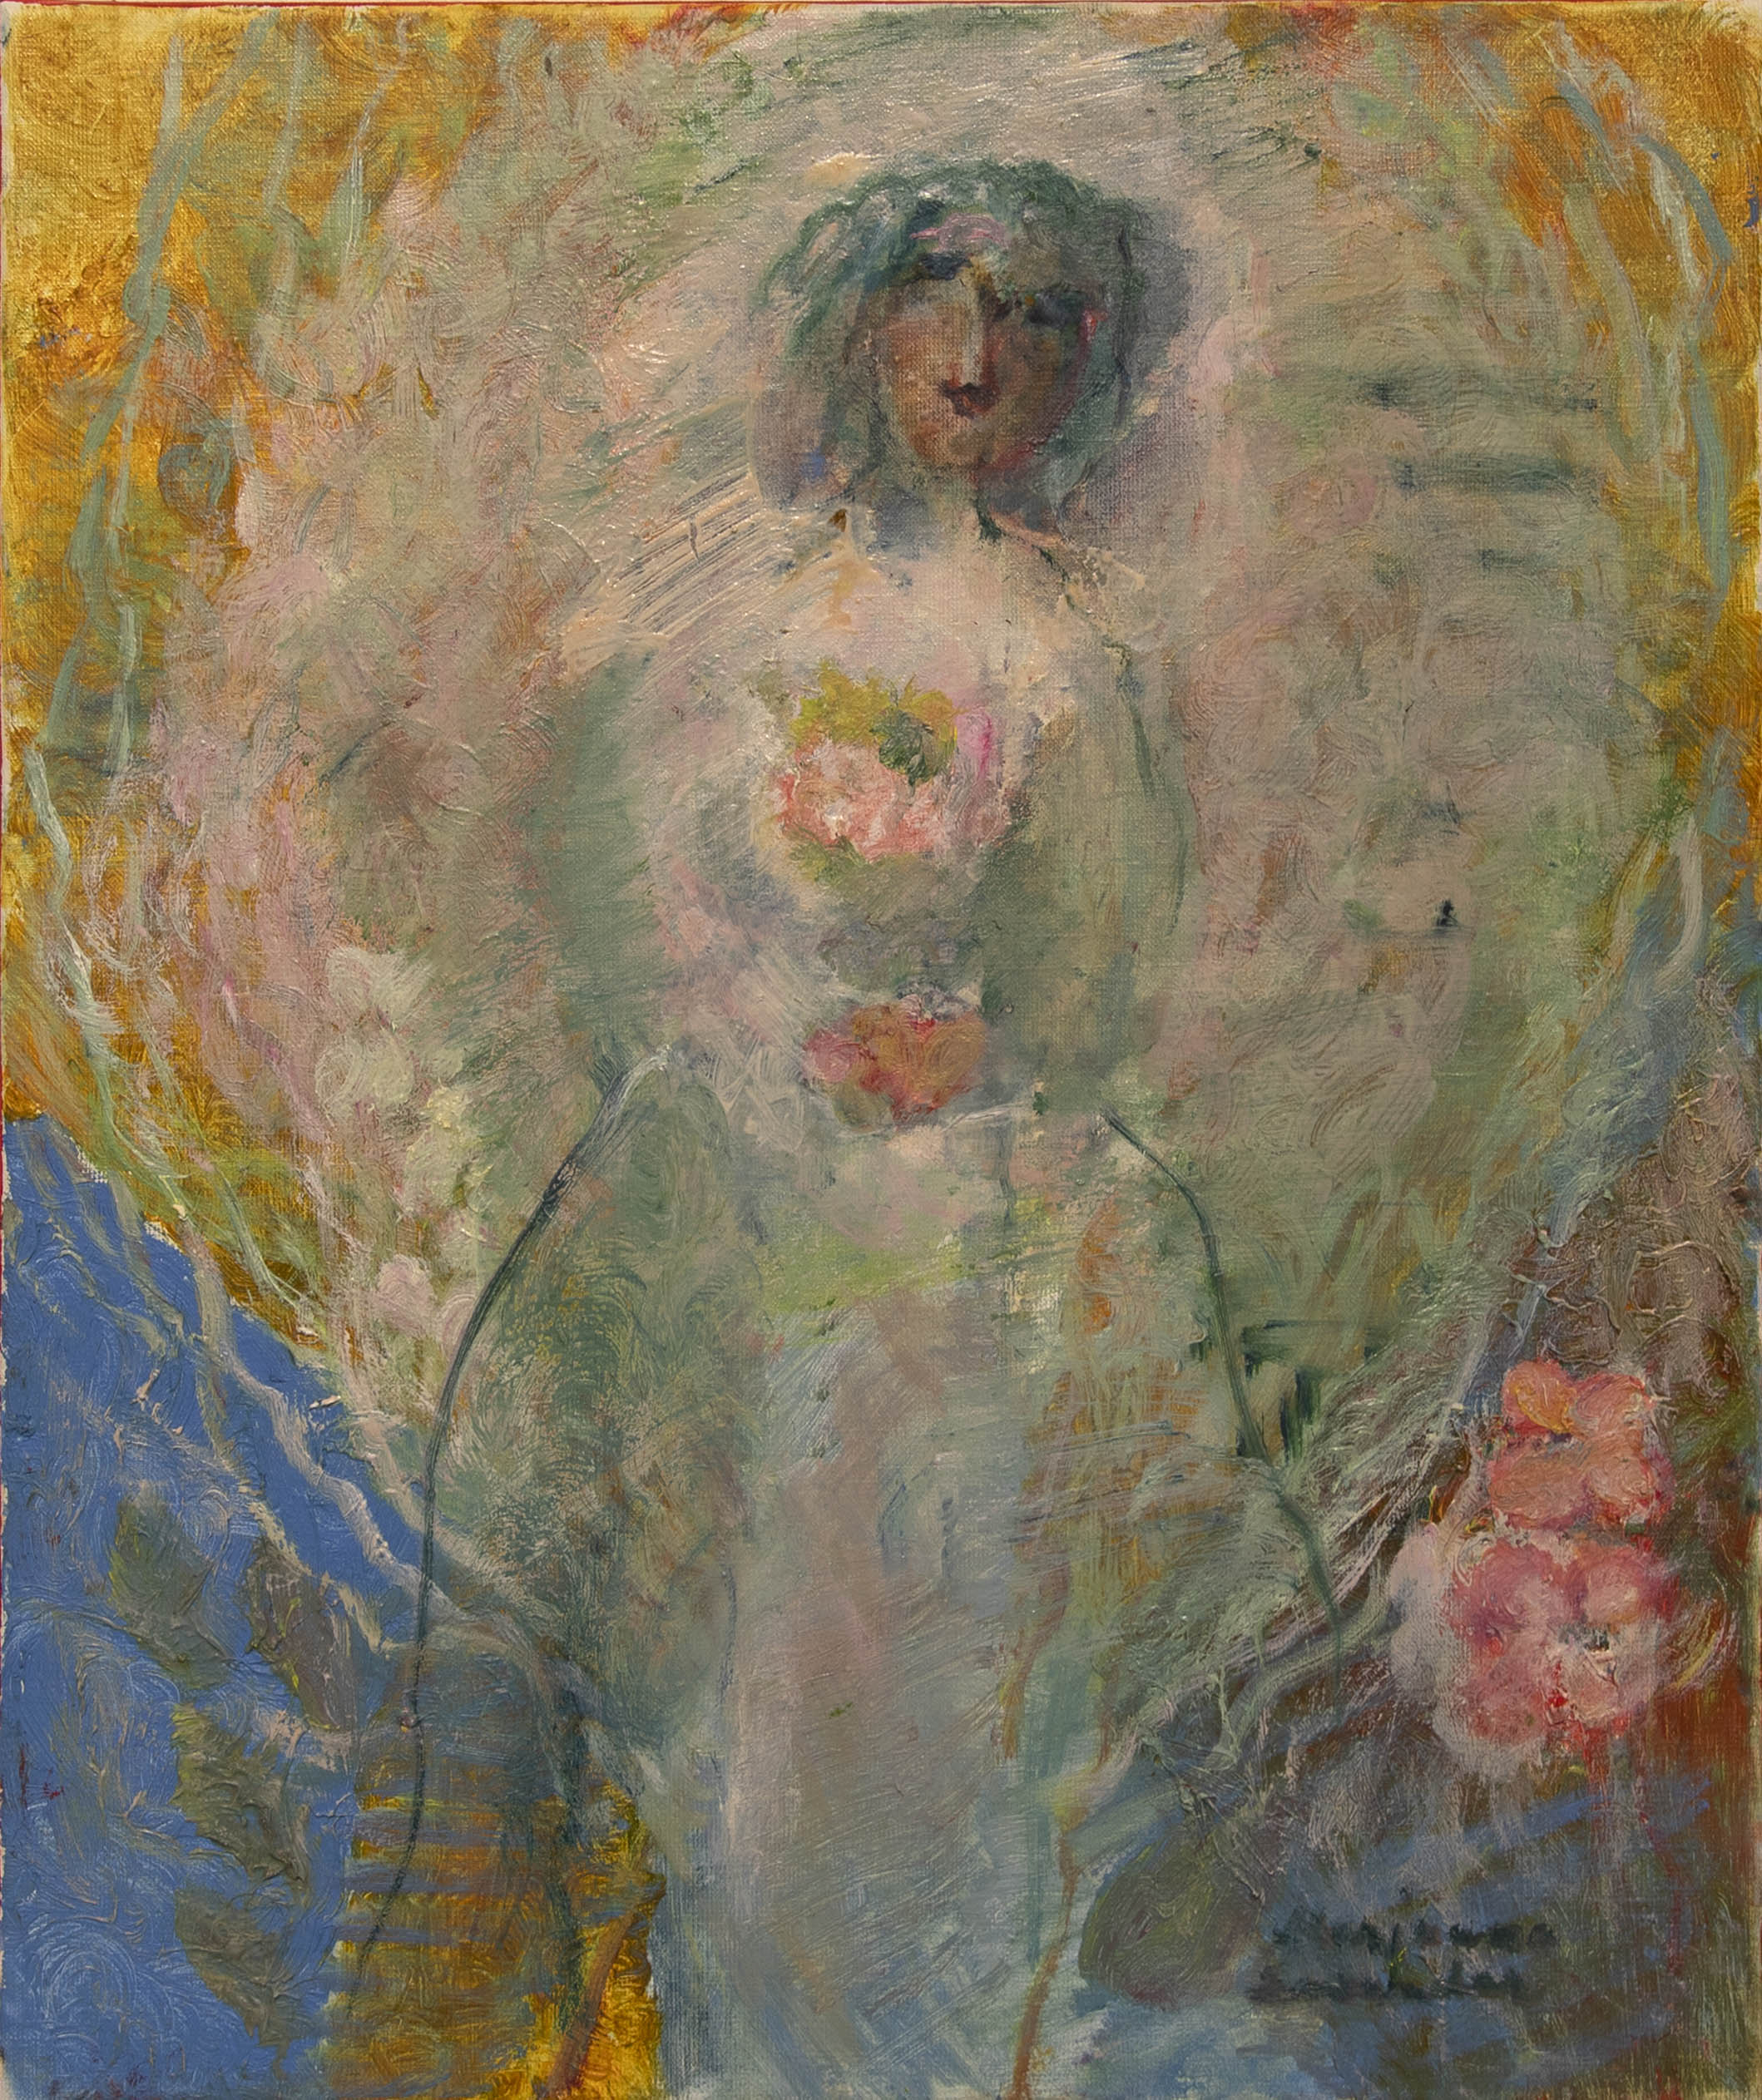 Aavemmainen naishahmo pitelee kukkakimppua ekspressionistisen pilven keskellä, taustalla sinistä ja keltaista.